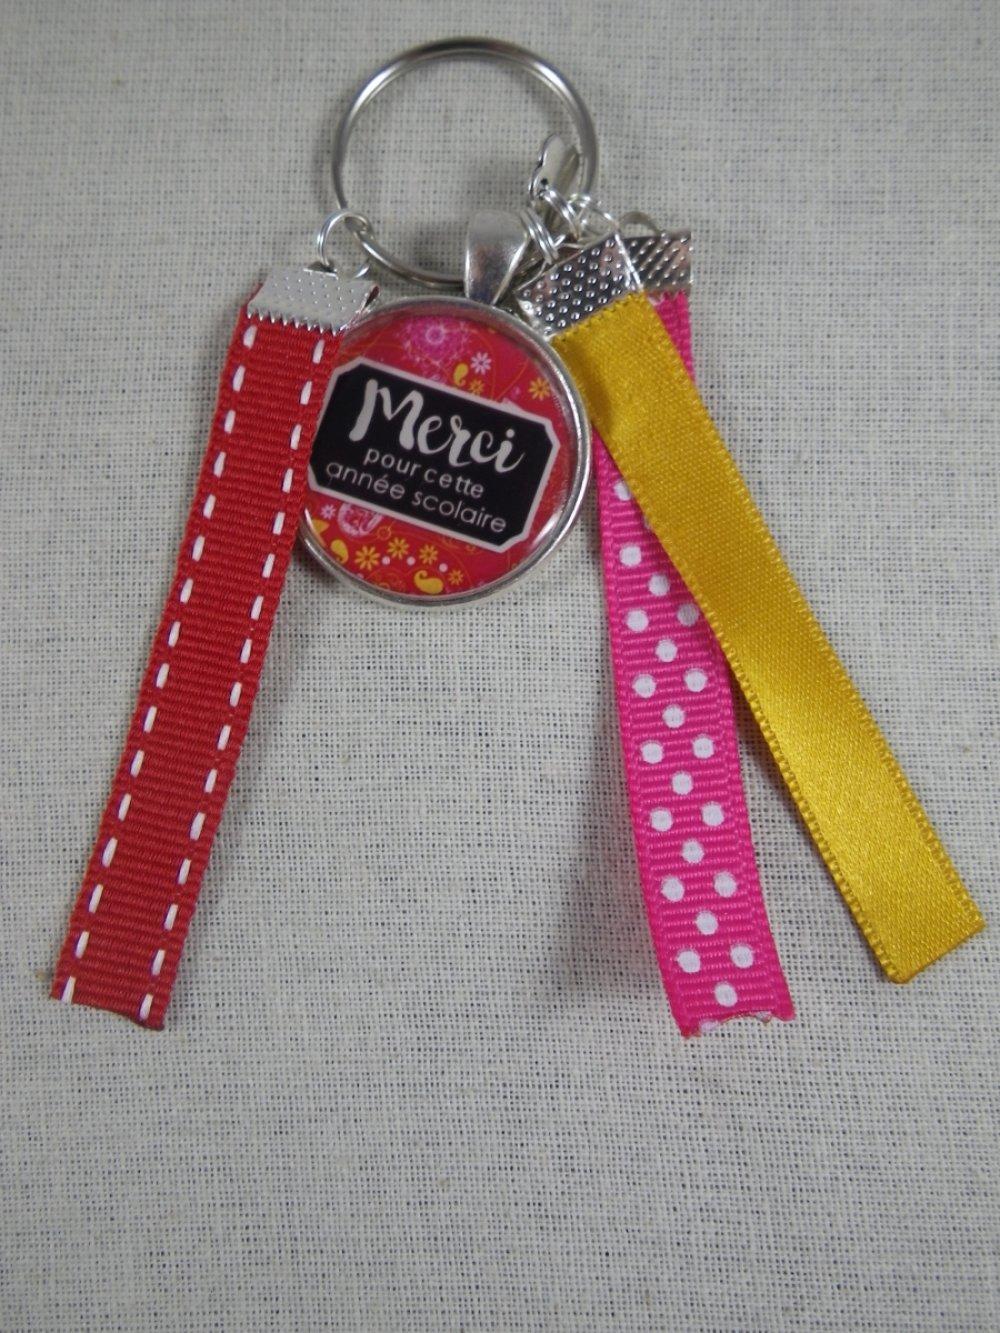 """Porte clés rose, rouge et jaune """"Merci pour cette année scolaire"""""""